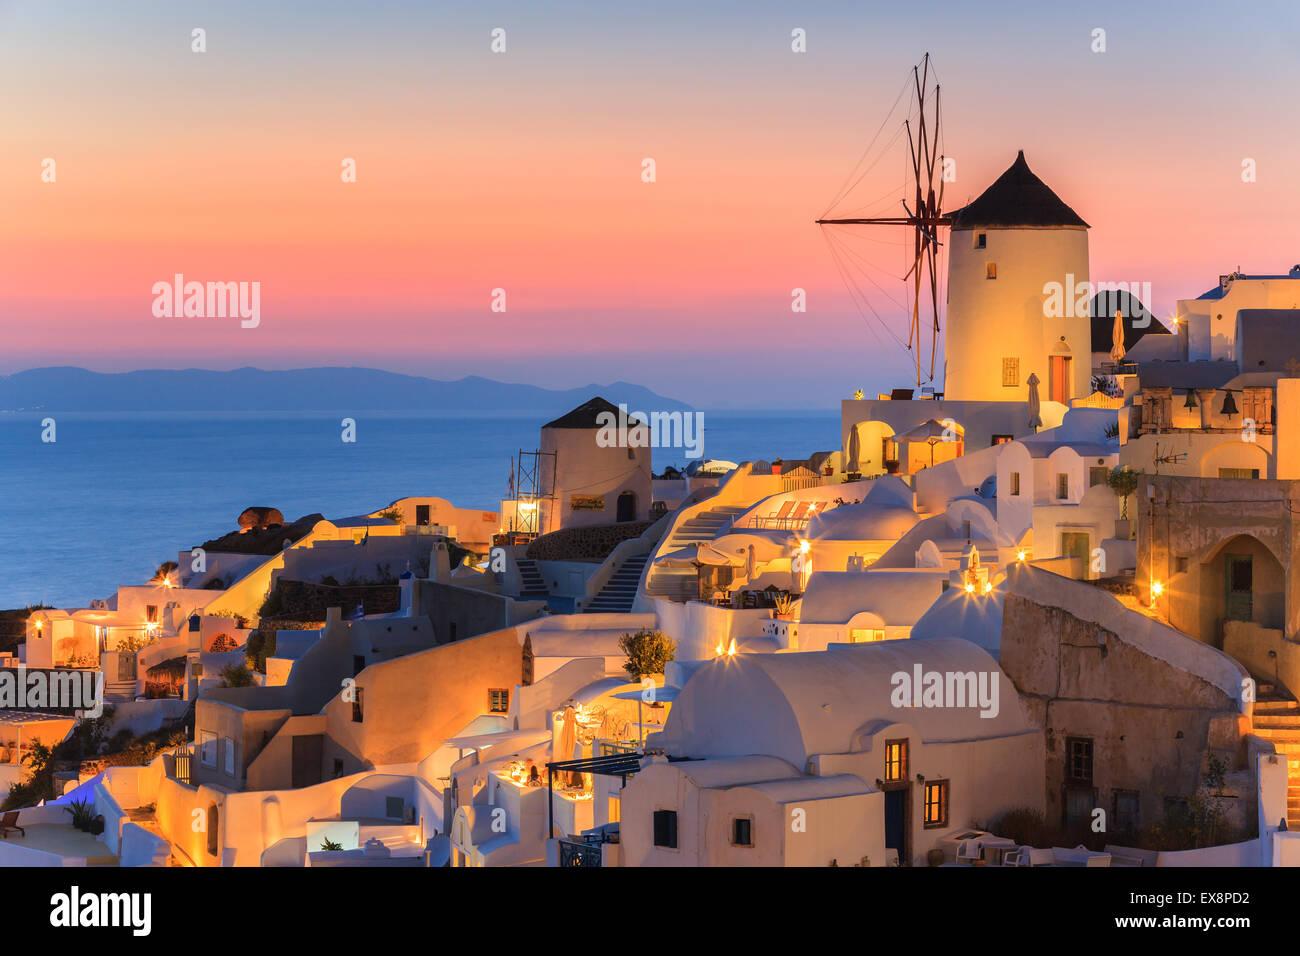 La localidad de Oia durante la puesta de sol de Santorini, una de las islas Cícladas en el Mar Egeo, en Grecia. Imagen De Stock